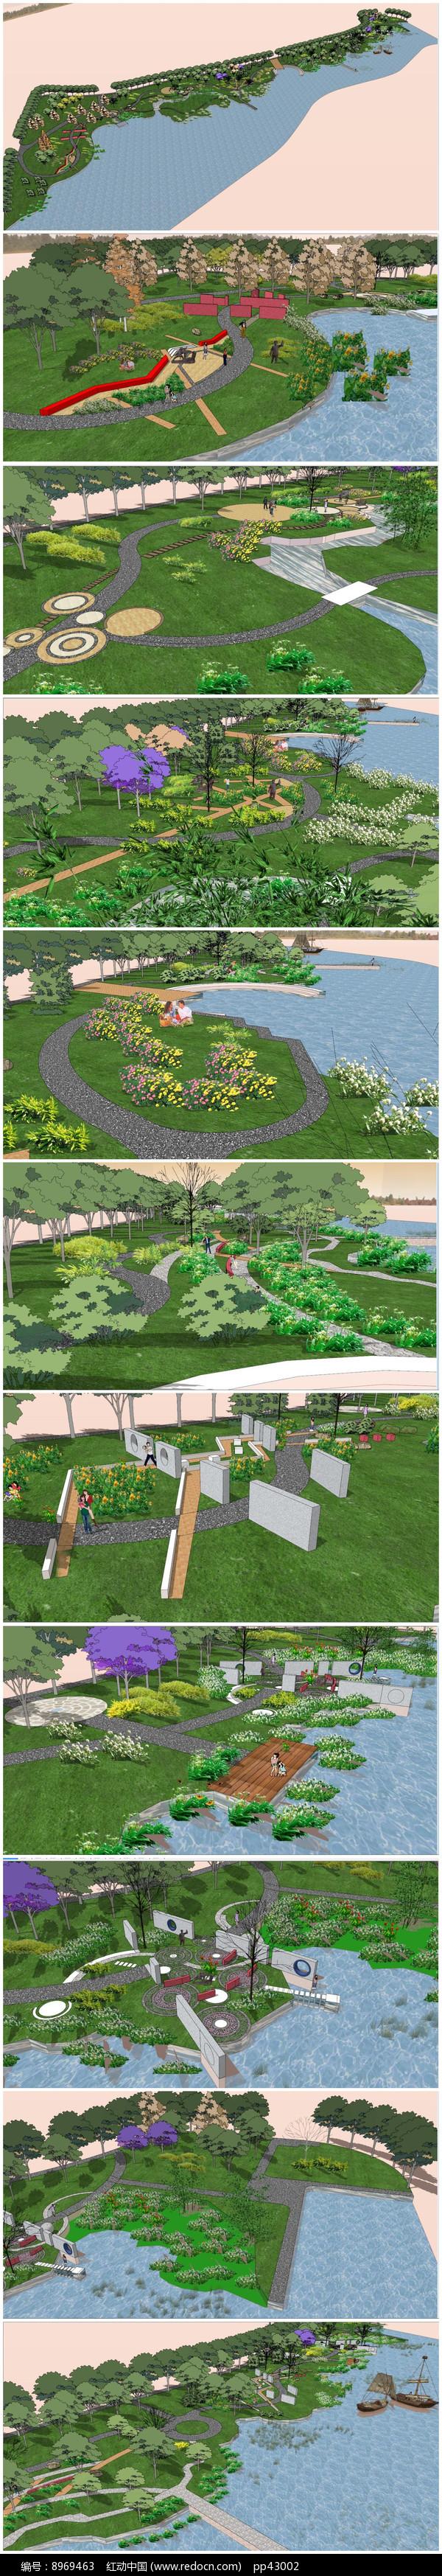 滨水公园景观SU模型图片